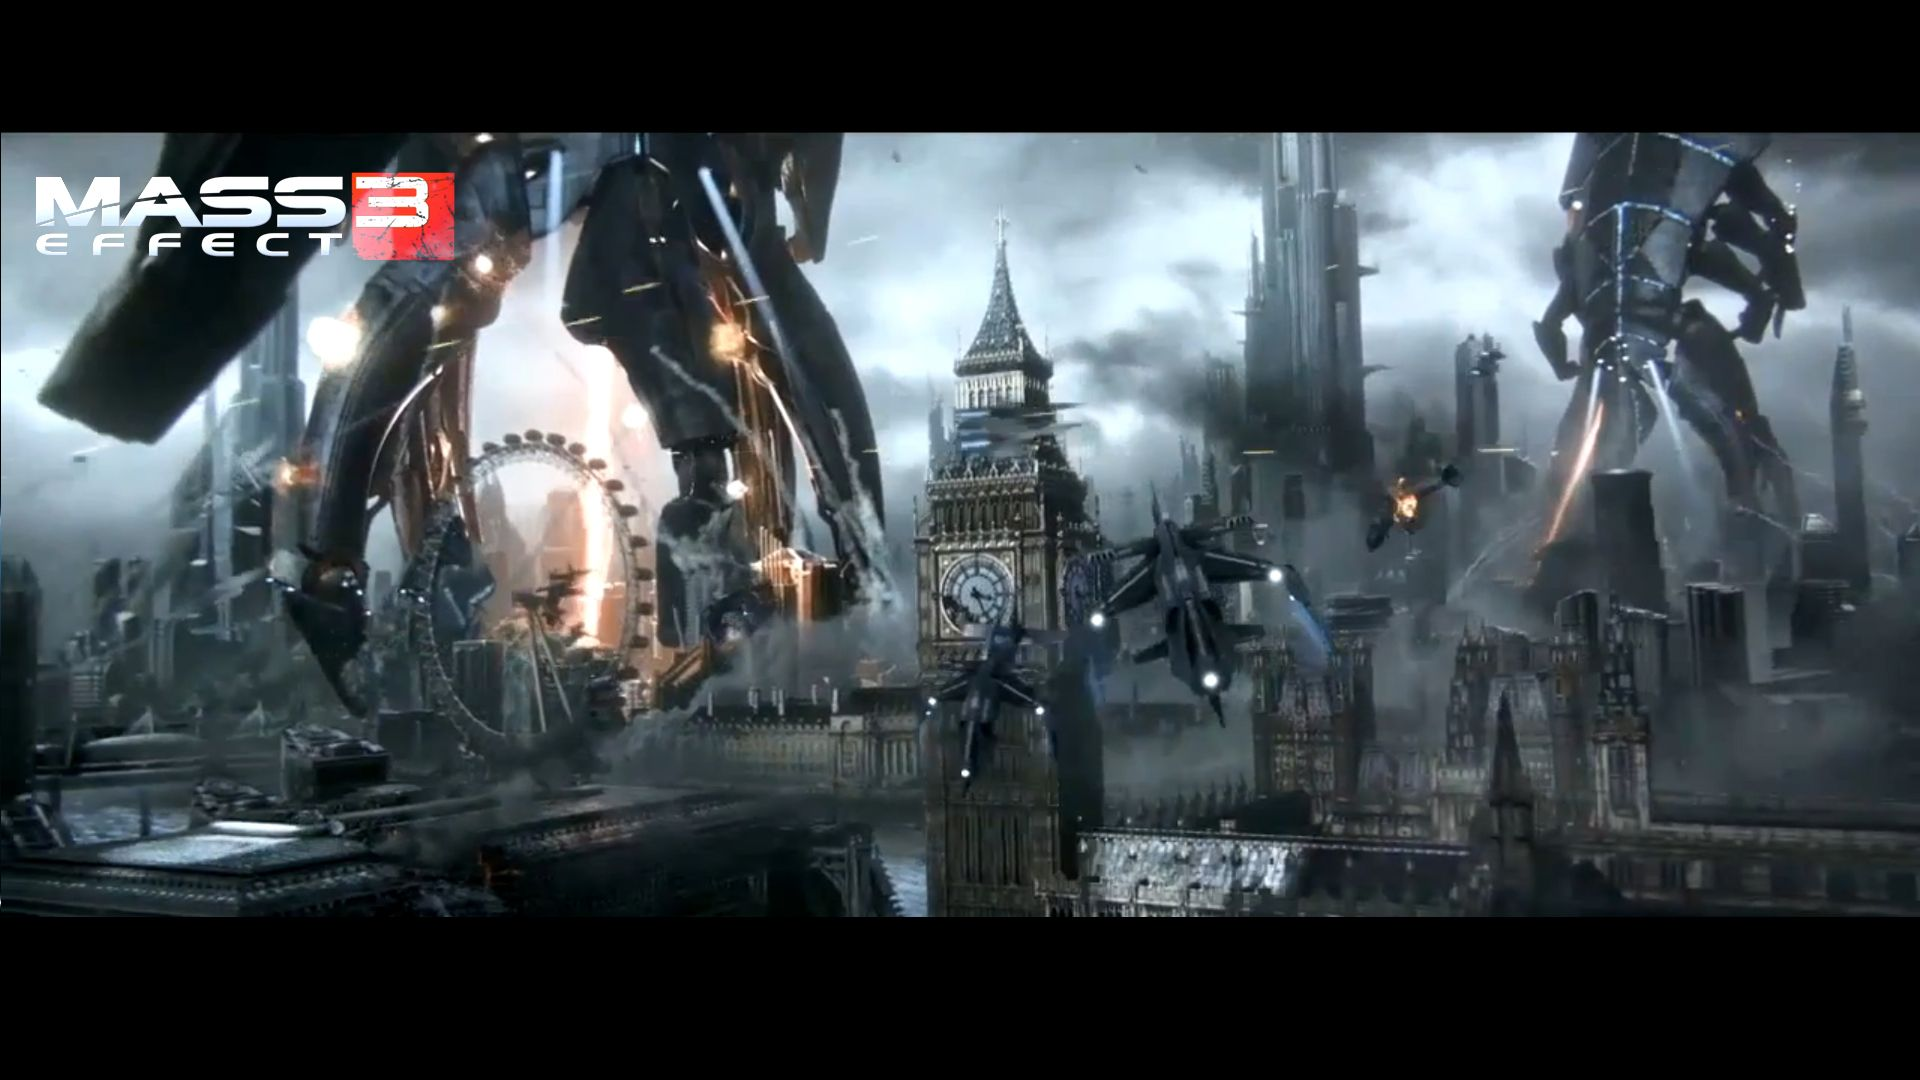 Mass Effect 3 Backgrounds Sf Wallpaper